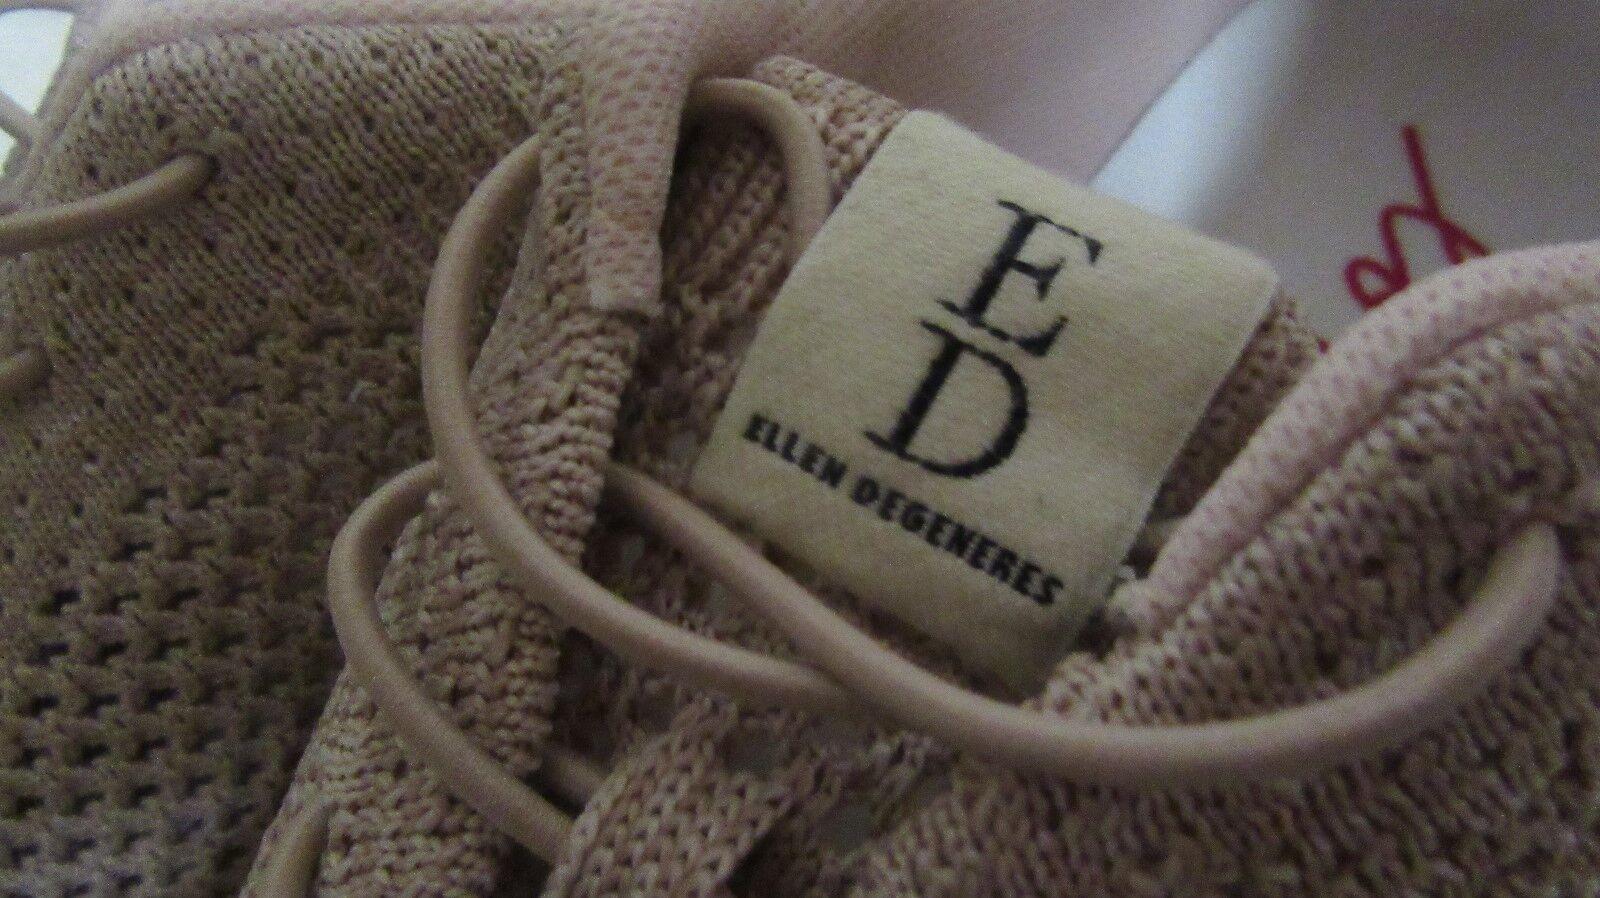 WOMEN`S ELLEN ELLEN ELLEN DEGENERES ATHLETIC SNEAKERS SIZE 9.5 M NEW ED-CASIE PNK c4cc9c